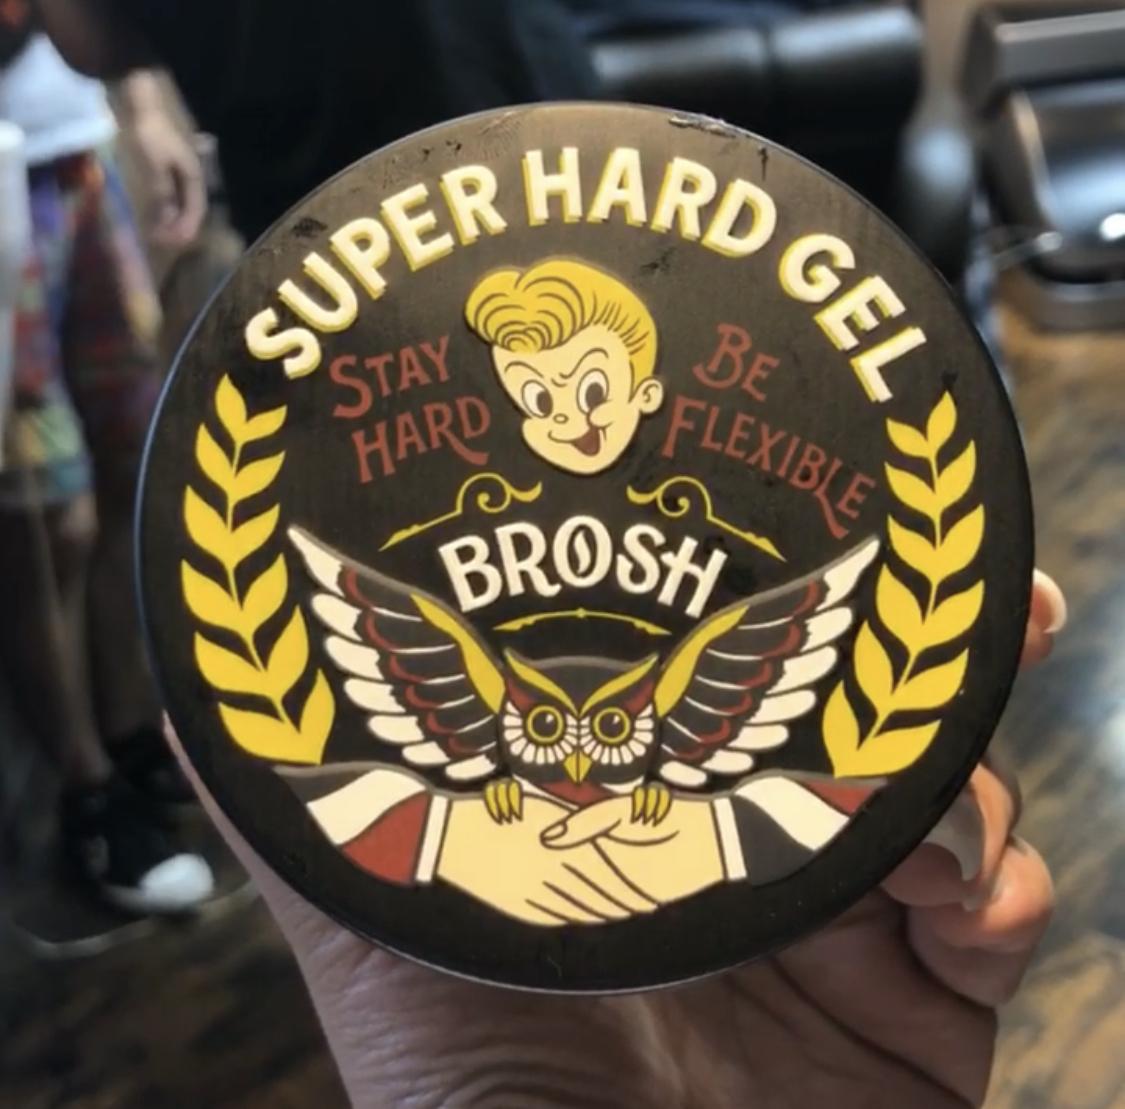 BROSH ブロッシュ スーパーハードジェル 200g BROSH オリジナルの香り 黒缶